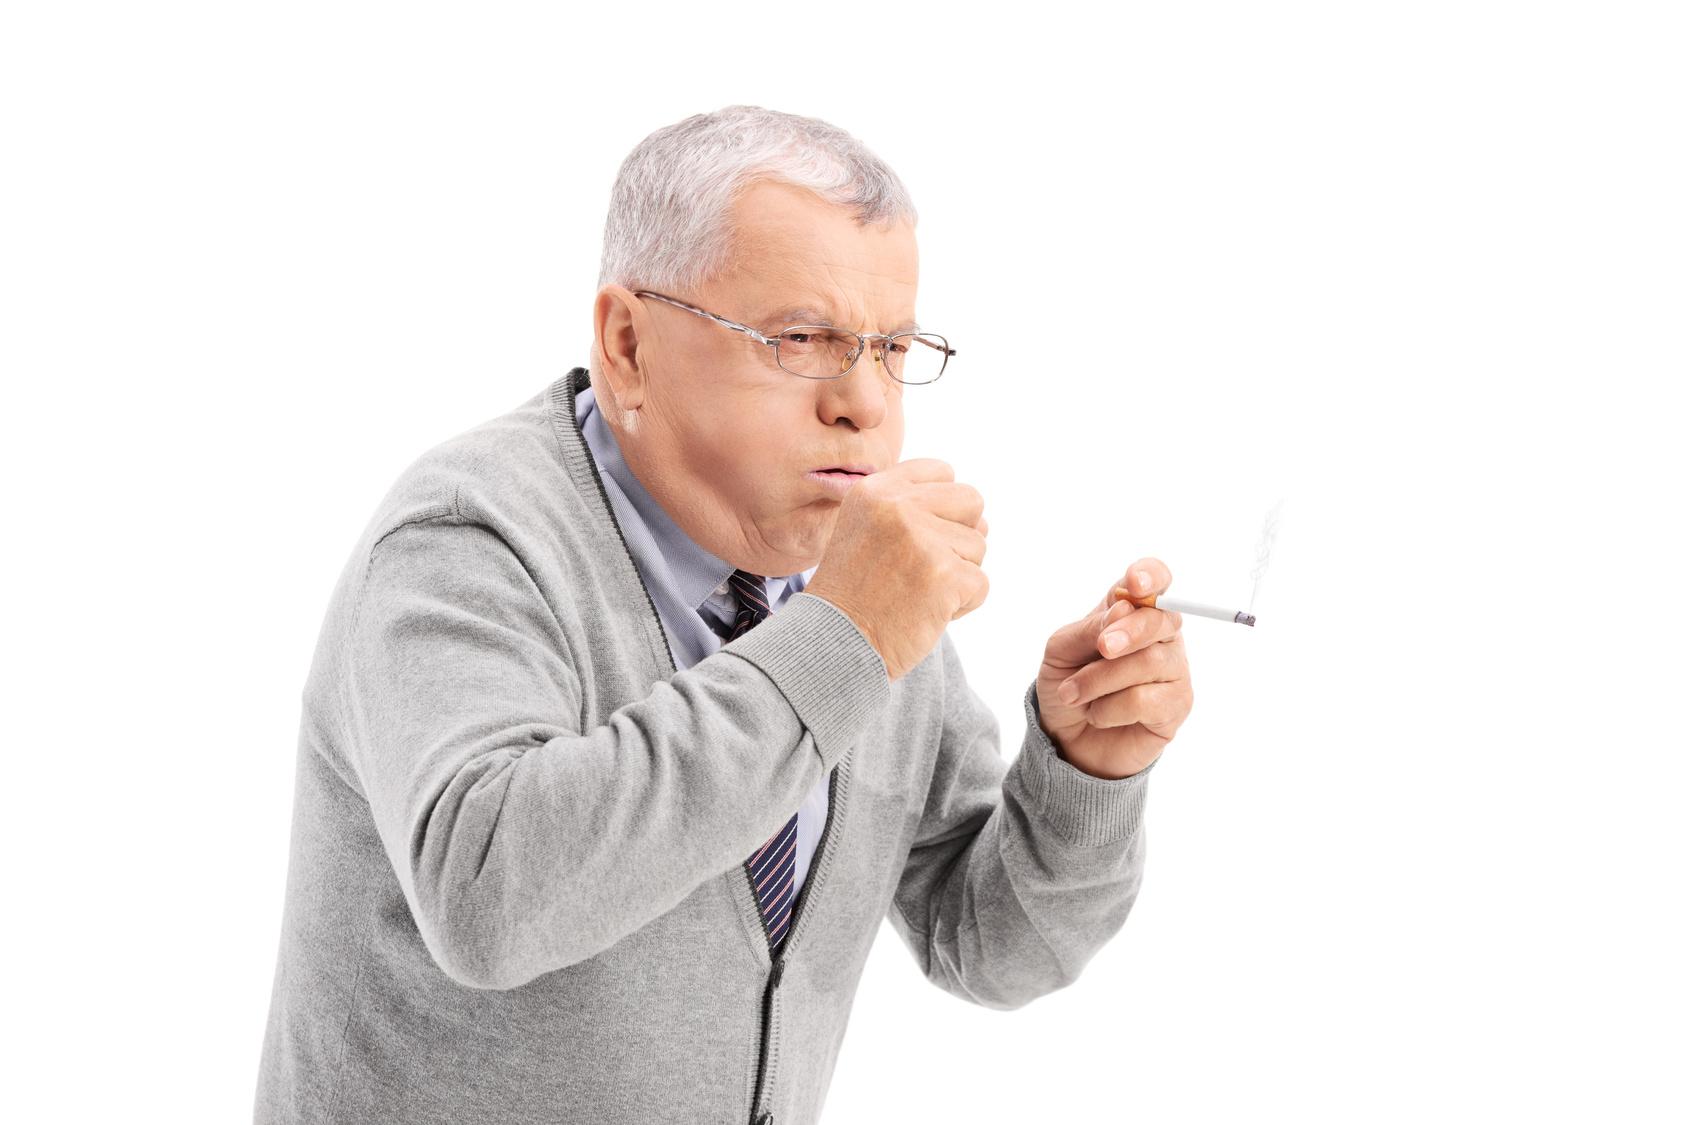 喉頭がんが歌手に多いのは歌いすぎのせいじゃない!